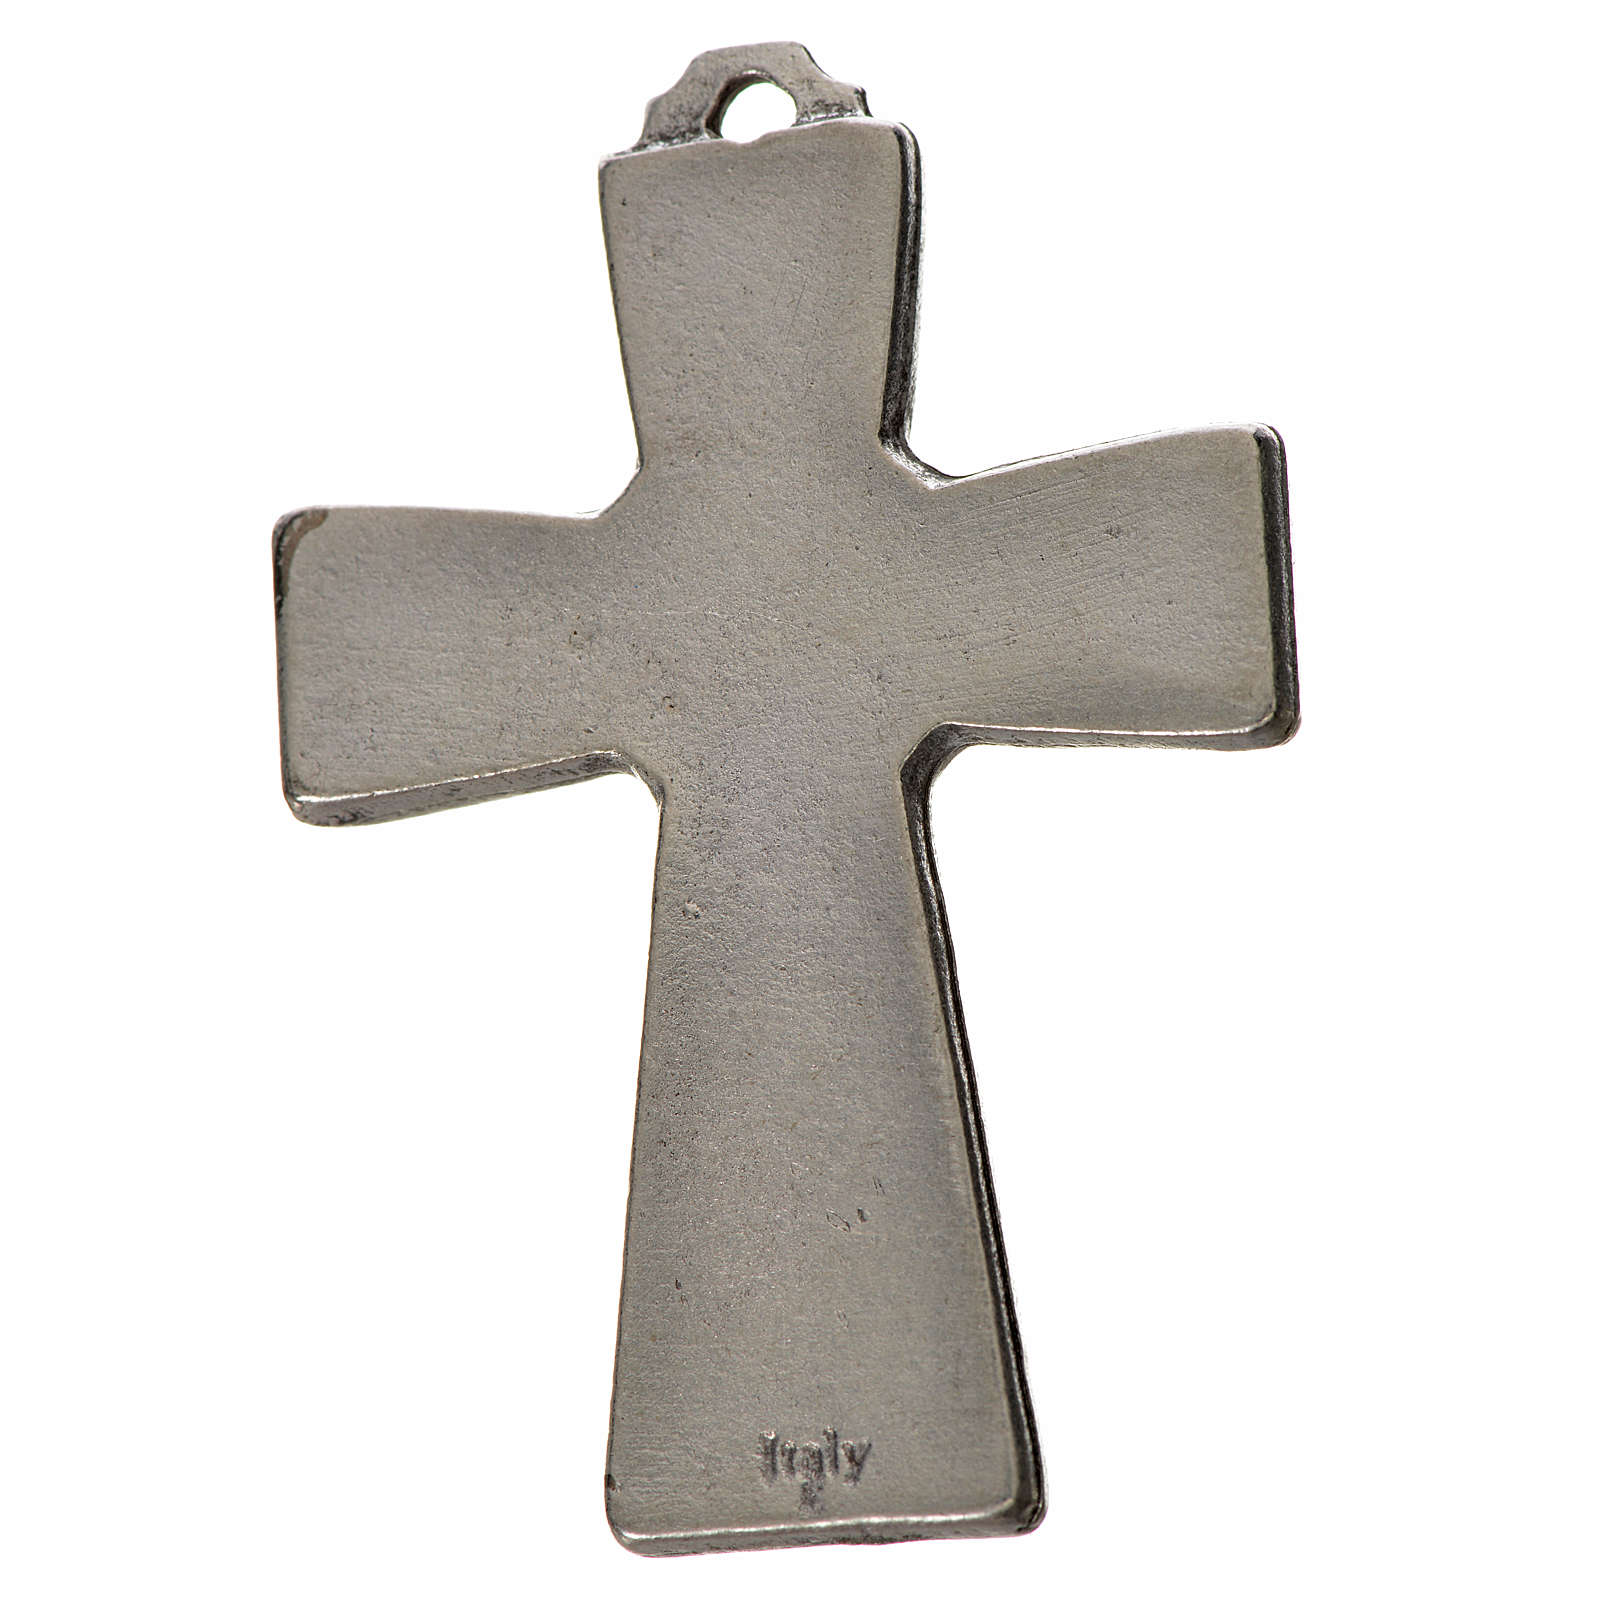 Krzyż Duch święty zama 5 X 3,5 emalia niebieska 4